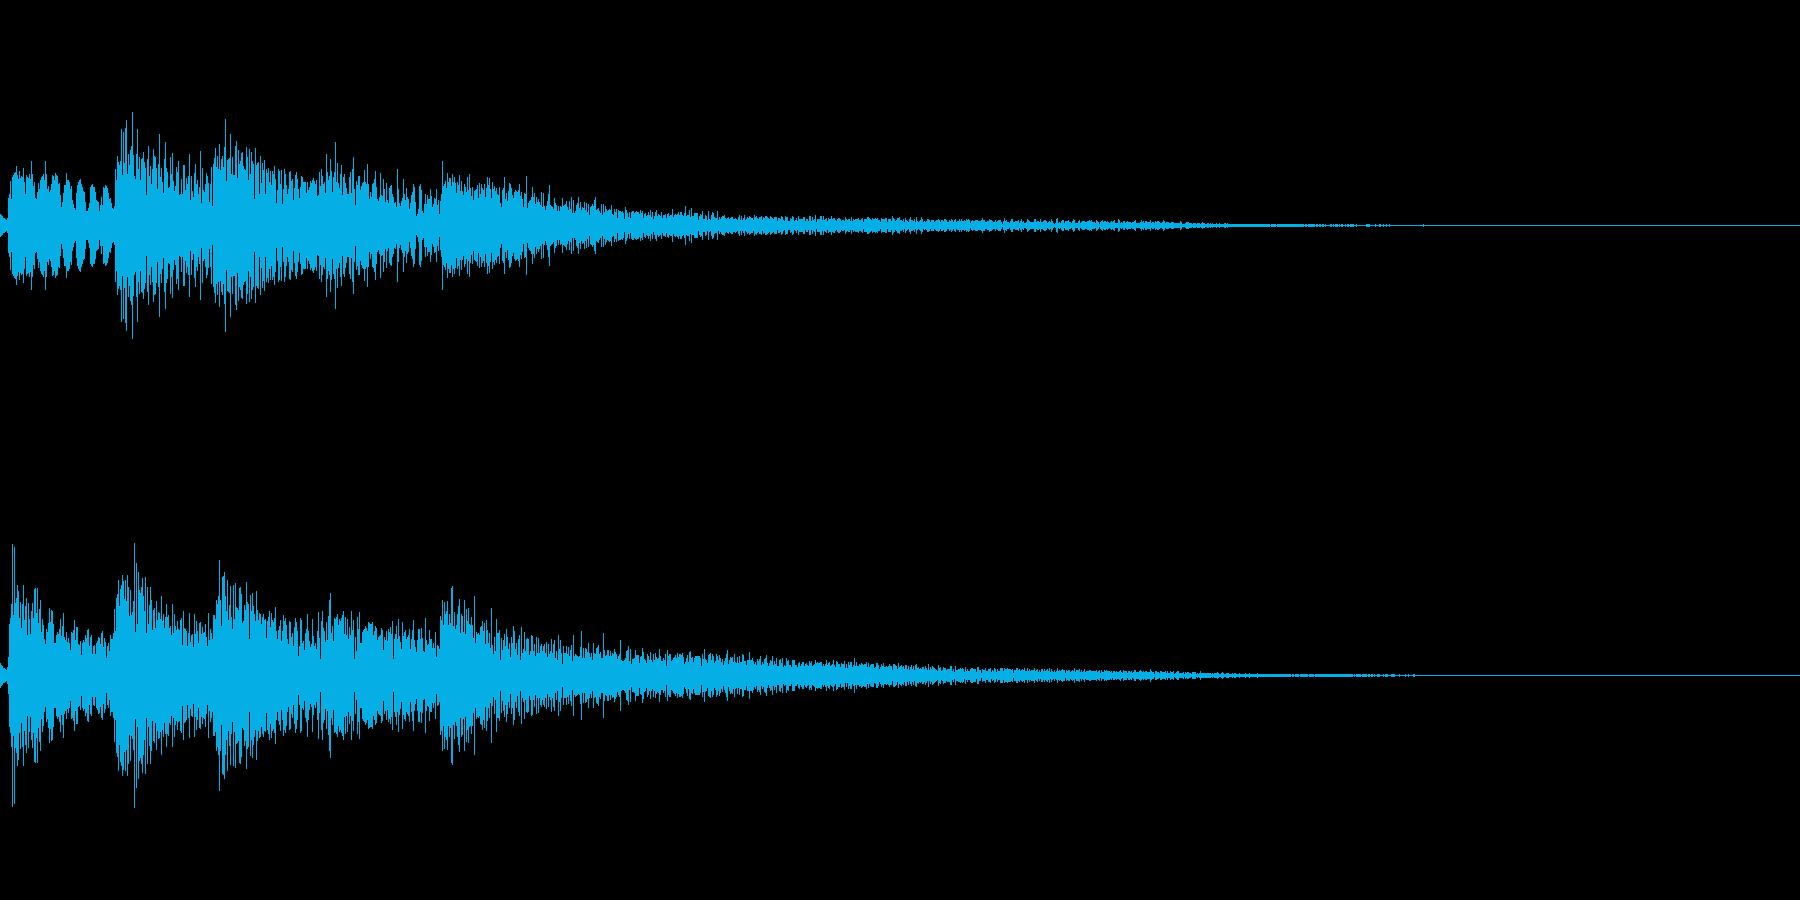 【ロゴ、ジングル】ピアノ01の再生済みの波形